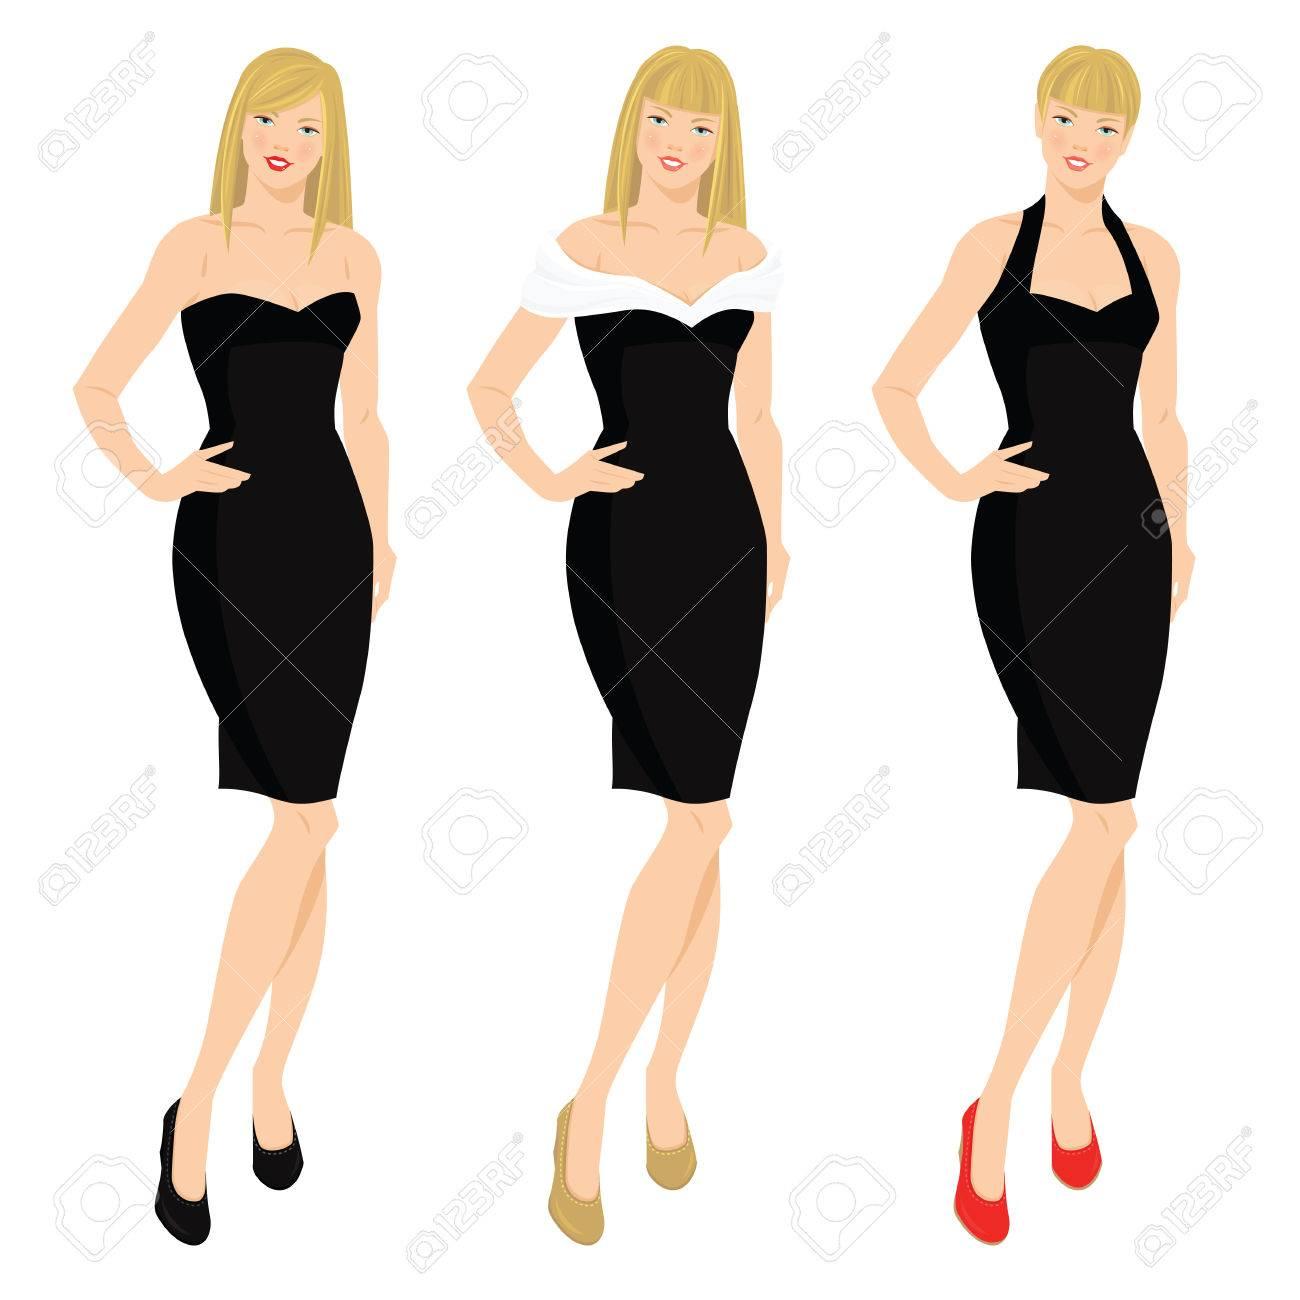 463f10eac76 Banque d images - Vector illustration des femmes élégantes dans le modèle  vaus de petite robe noire. Jeune fille blonde avec différentes coiffures